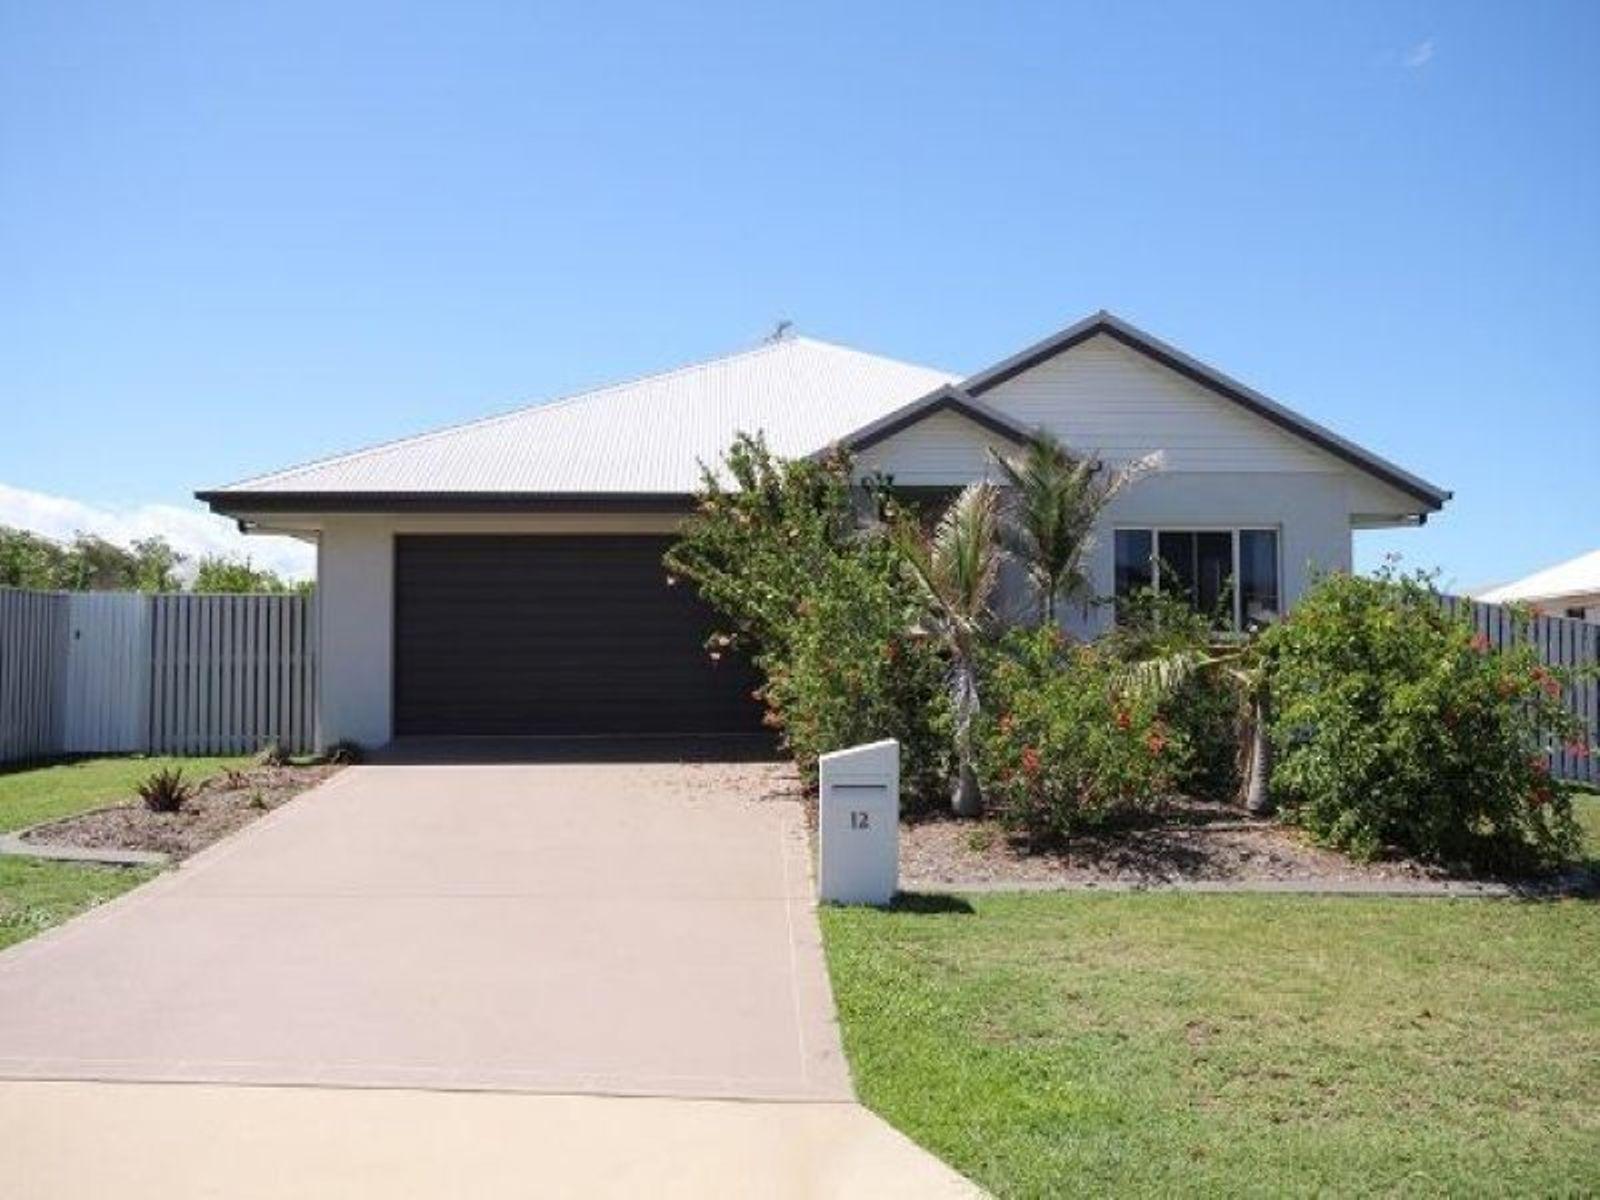 12 Rattray Street, Bushland Beach, QLD 4818